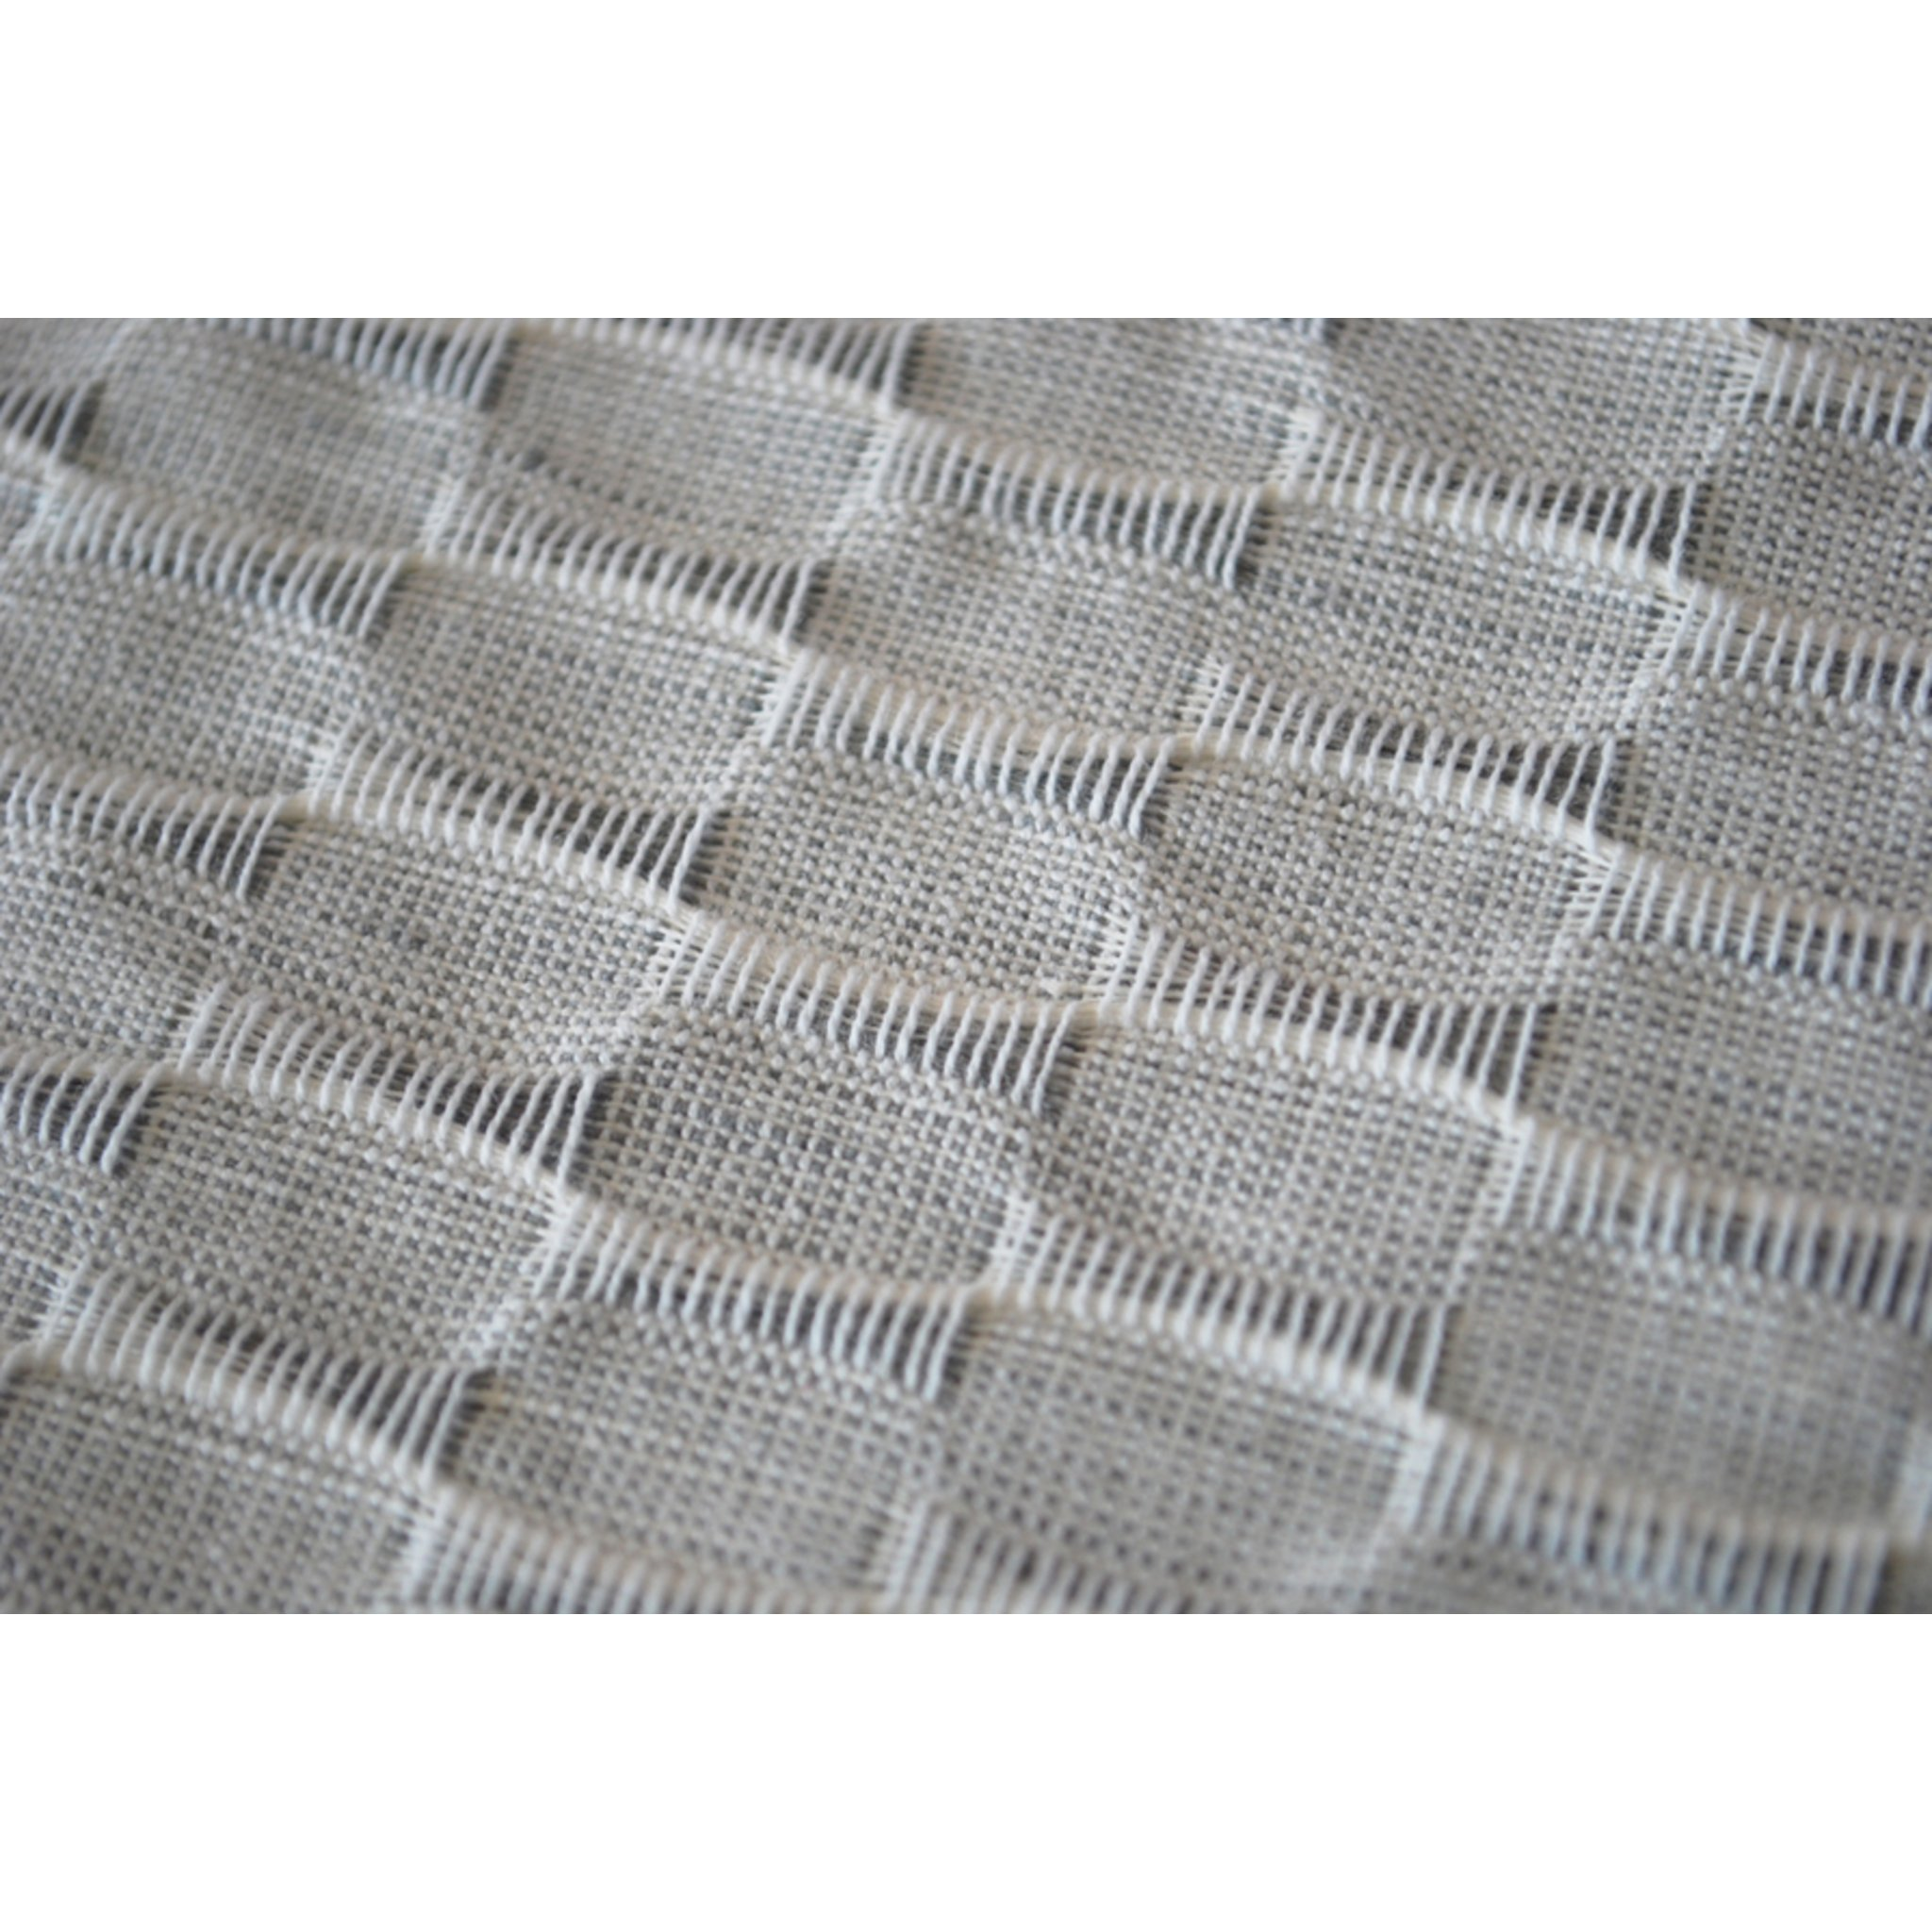 Tagesdecke Grau 180 X 220 : tagesdecke bett berwurf in grau 180x220 ~ Bigdaddyawards.com Haus und Dekorationen